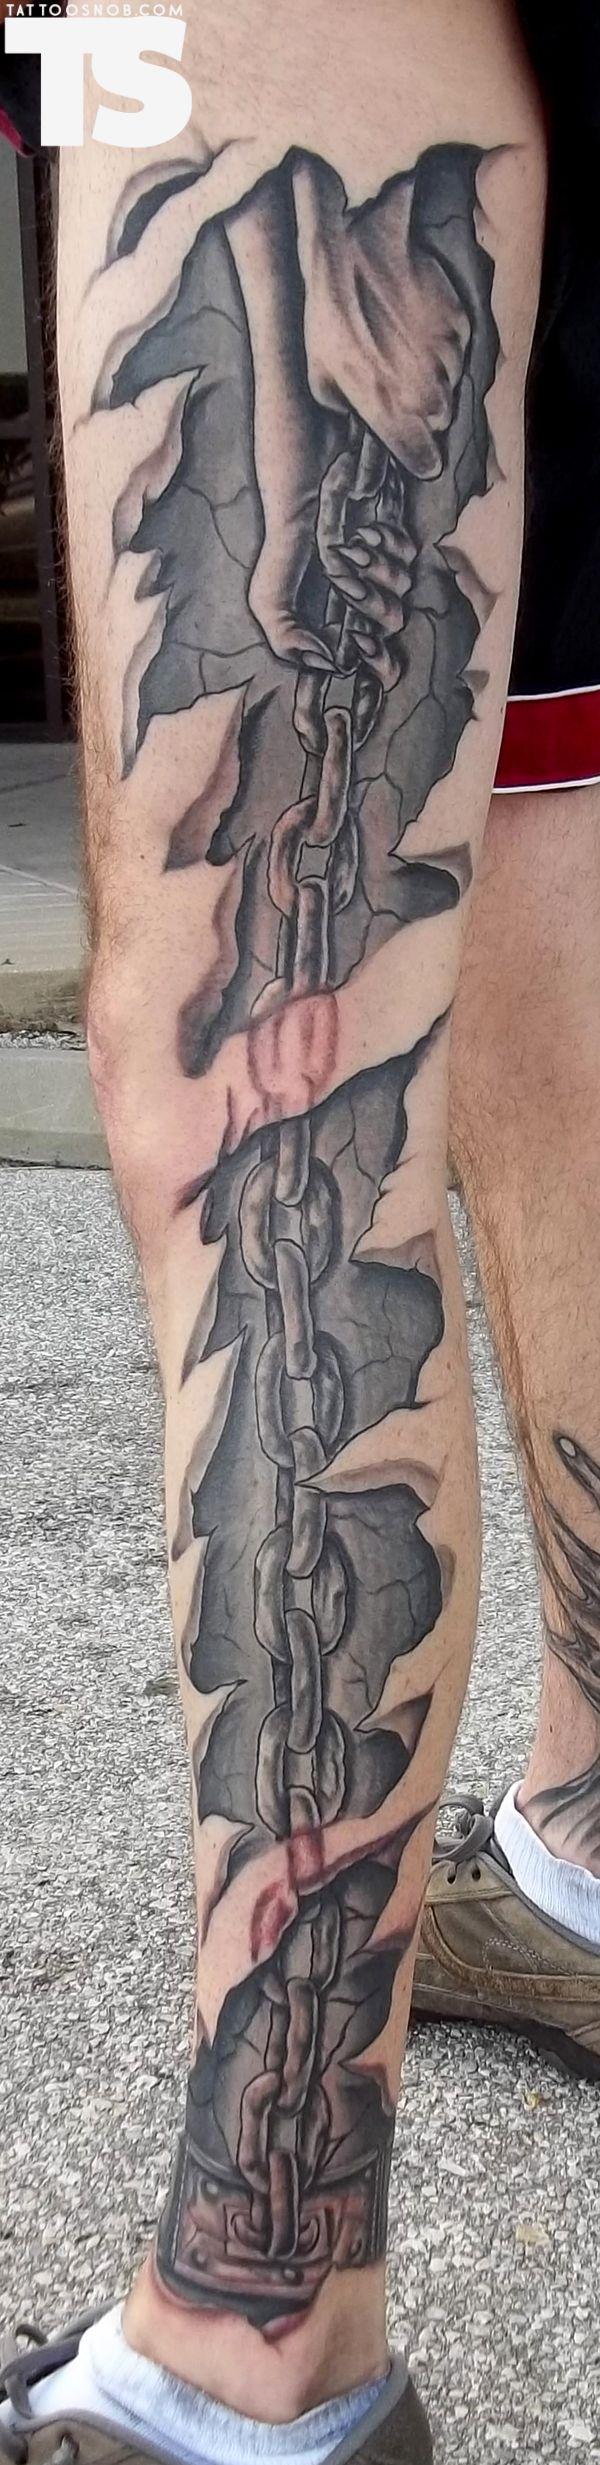 Tattoo by Matt Lang #inked #ink #tattoo #tattoos #tats #inkedmag #Tattoo #3d #Body Art